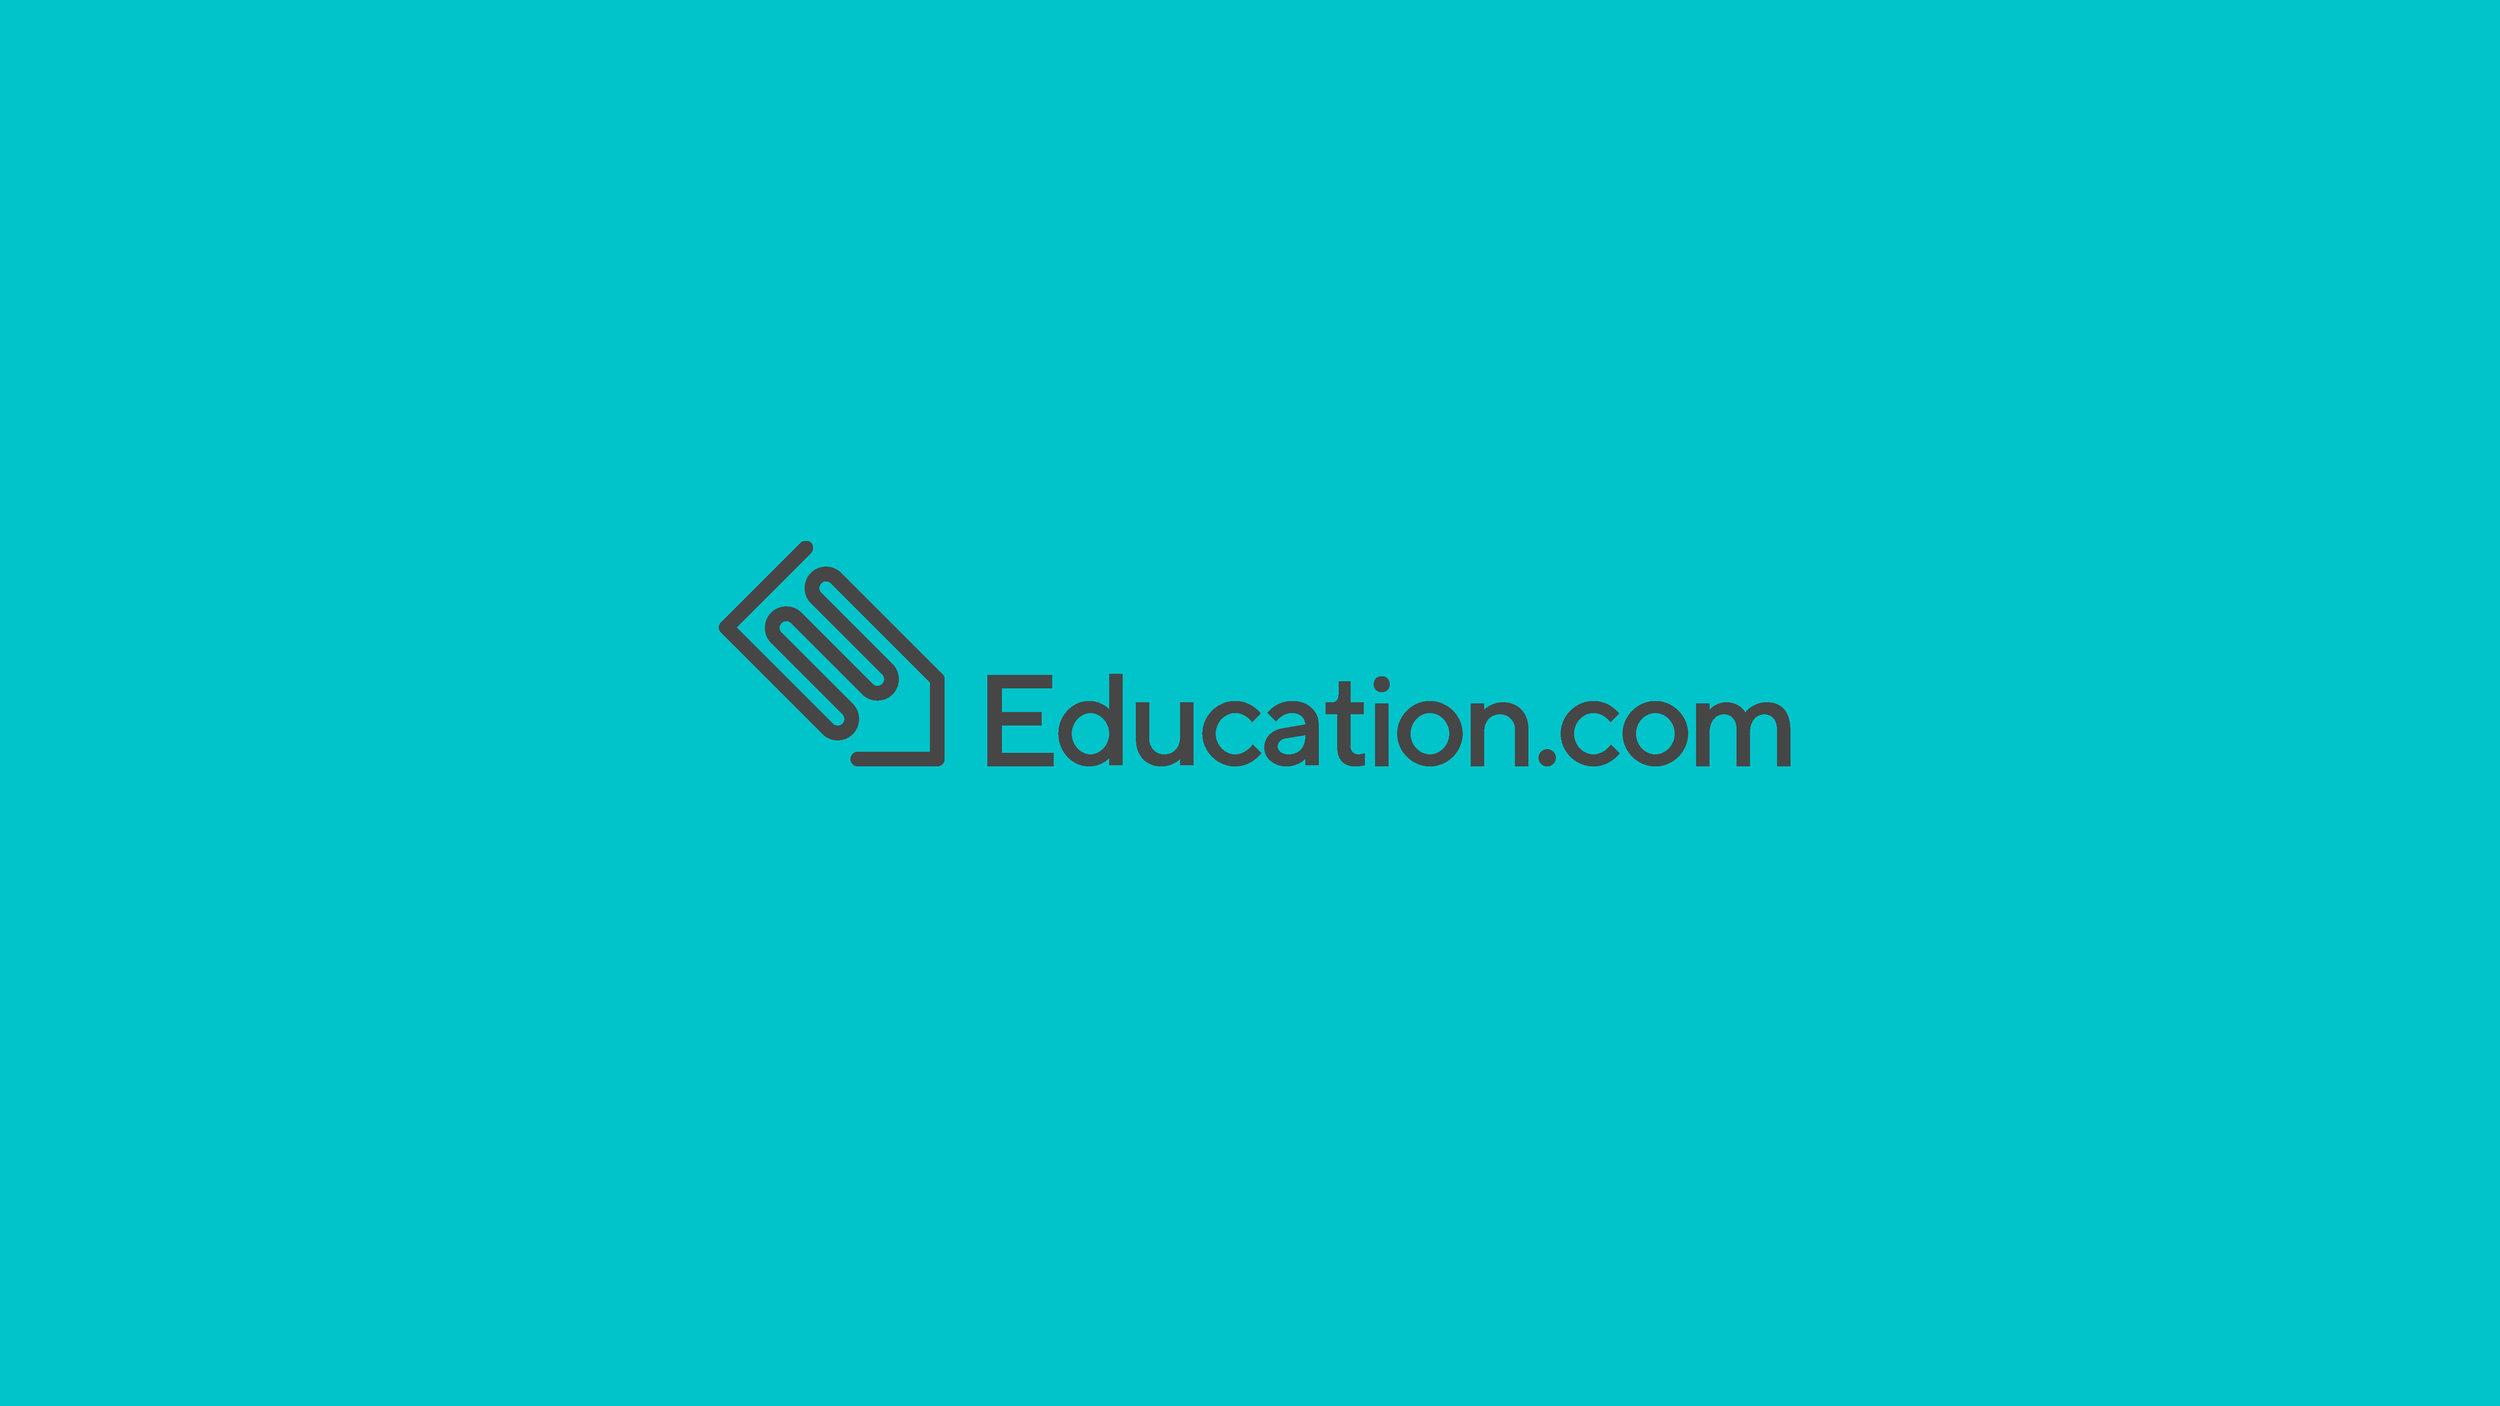 050918_Education.com_ID_R2.52.jpg